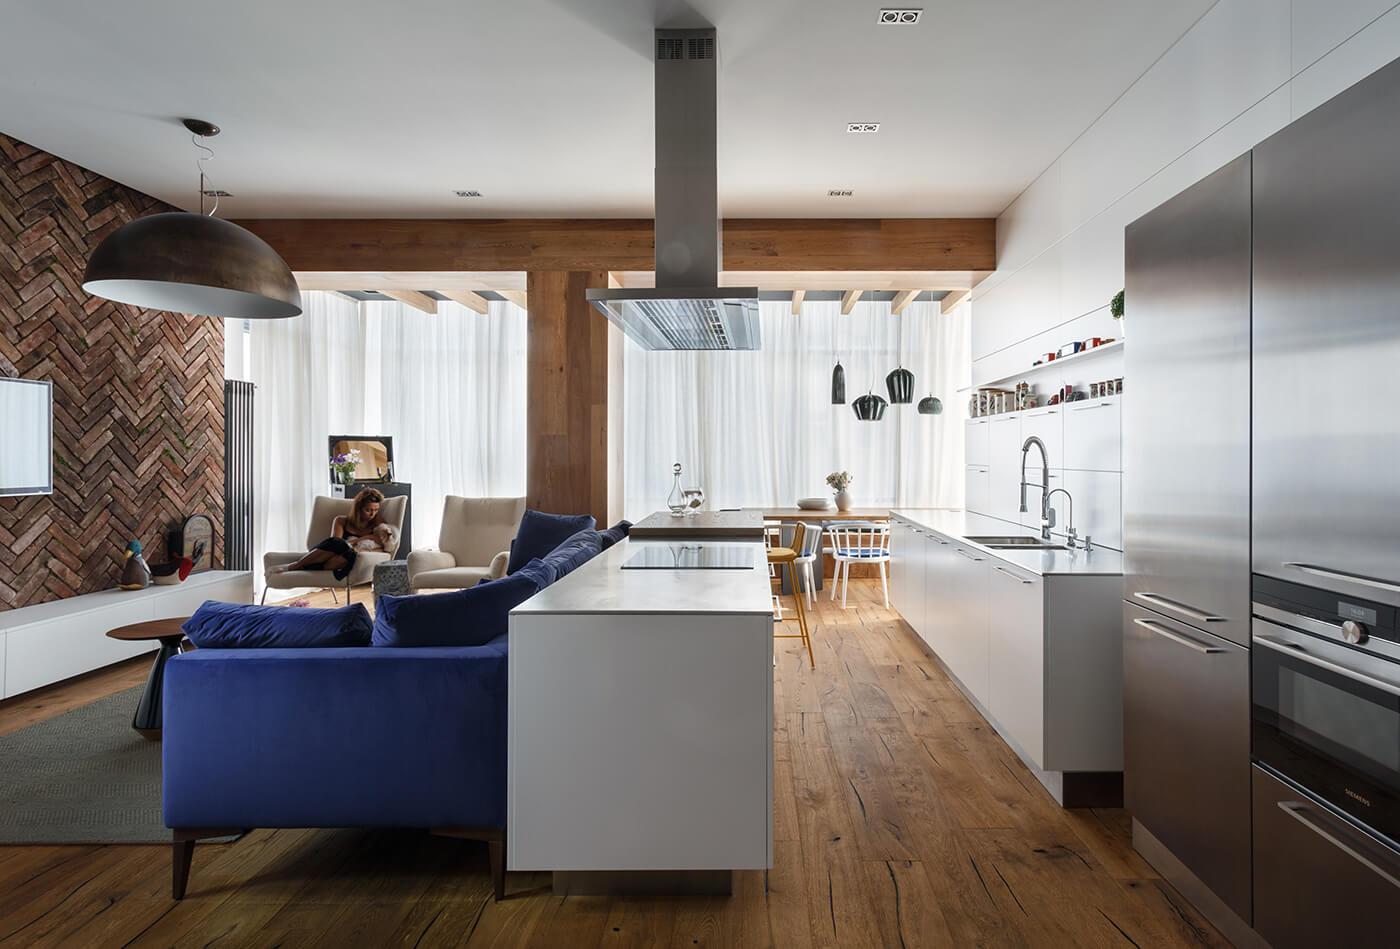 apartament-v-ukraina-s-kreativen-interioren-dizian-4